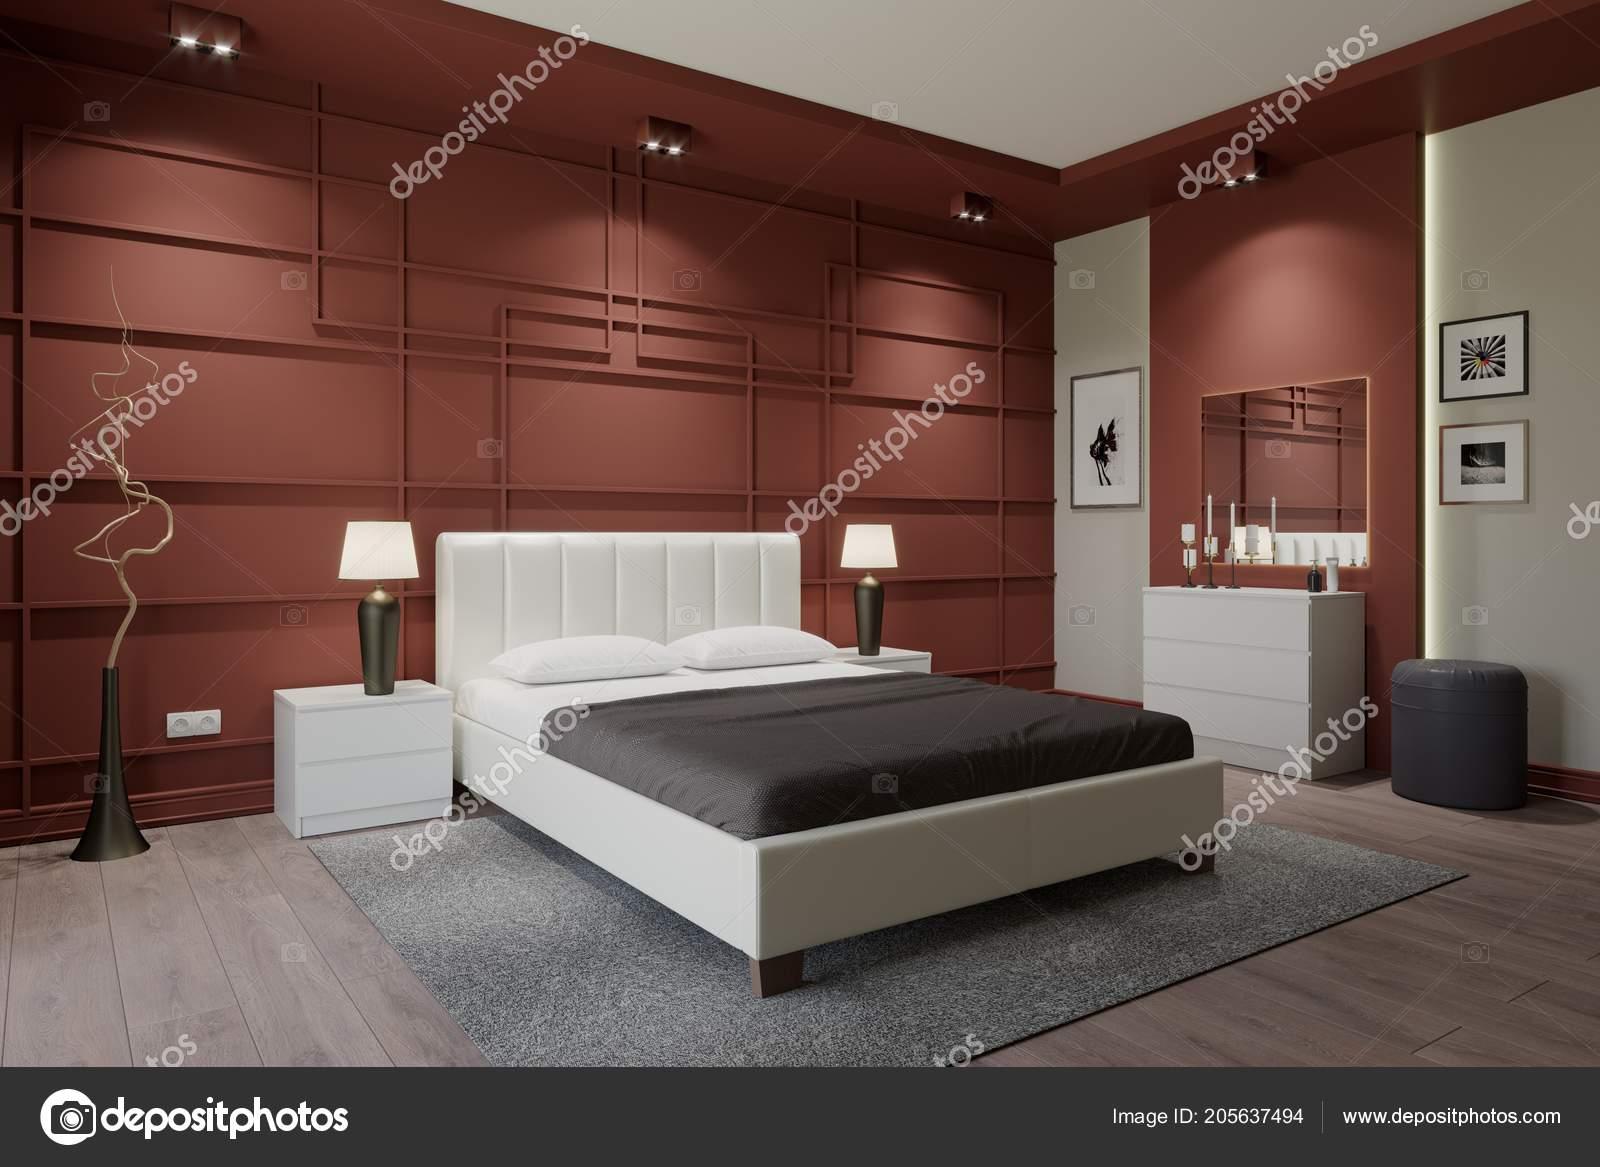 Kleur Slaapkamer Muur : Ontwerp van slaapkamer muur pijpen paarse kleur ingericht